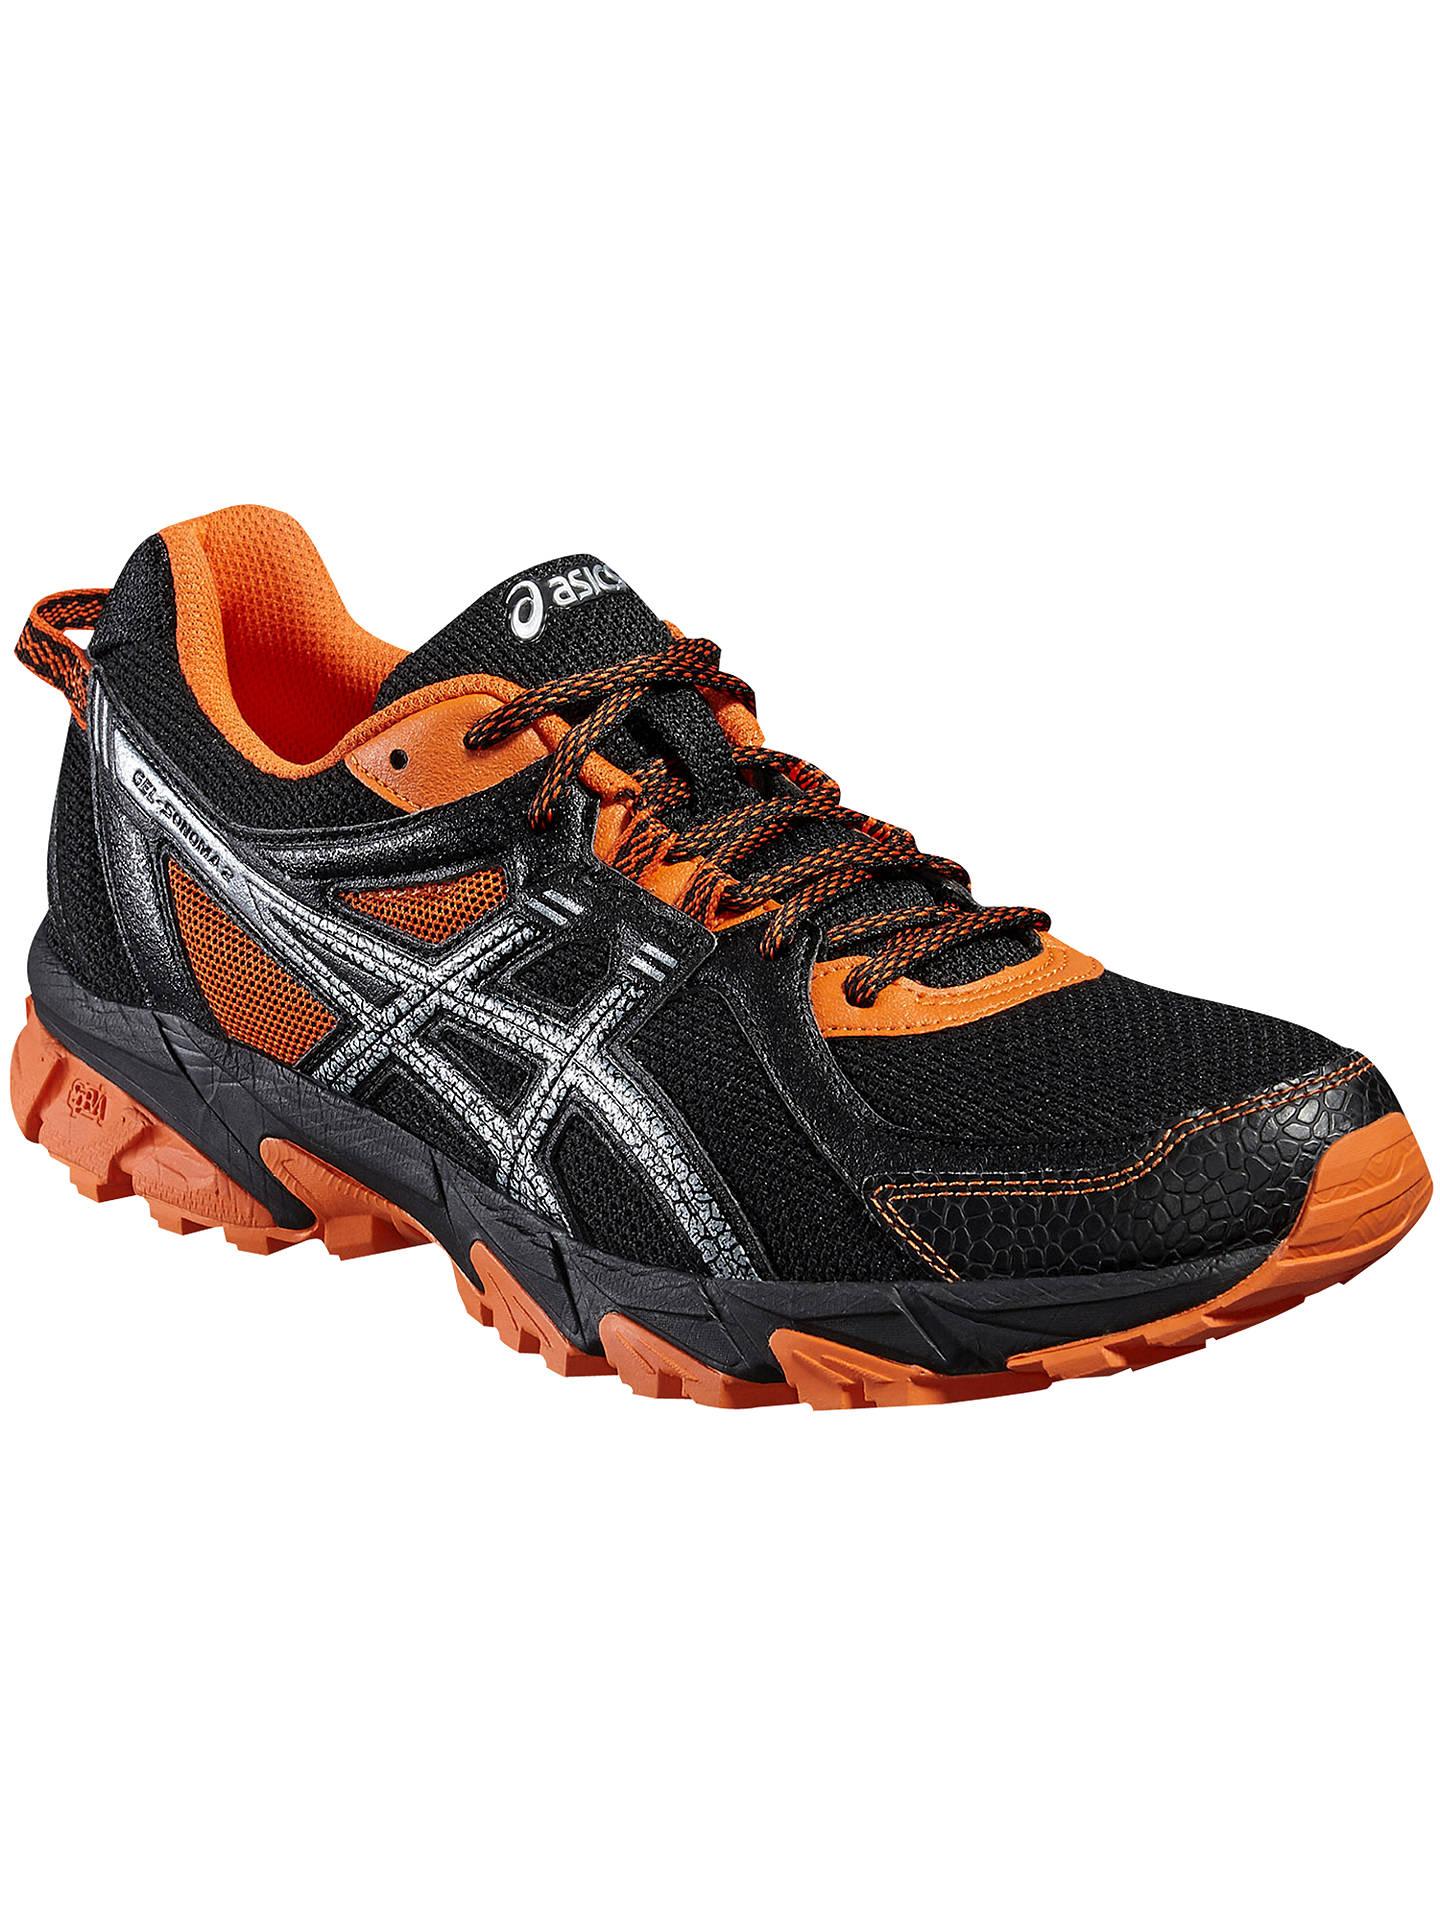 69a259905e1 At John Trail Running Asics Men s Sonoma Gel 2 Shoes Blackorange Zwx478Ux